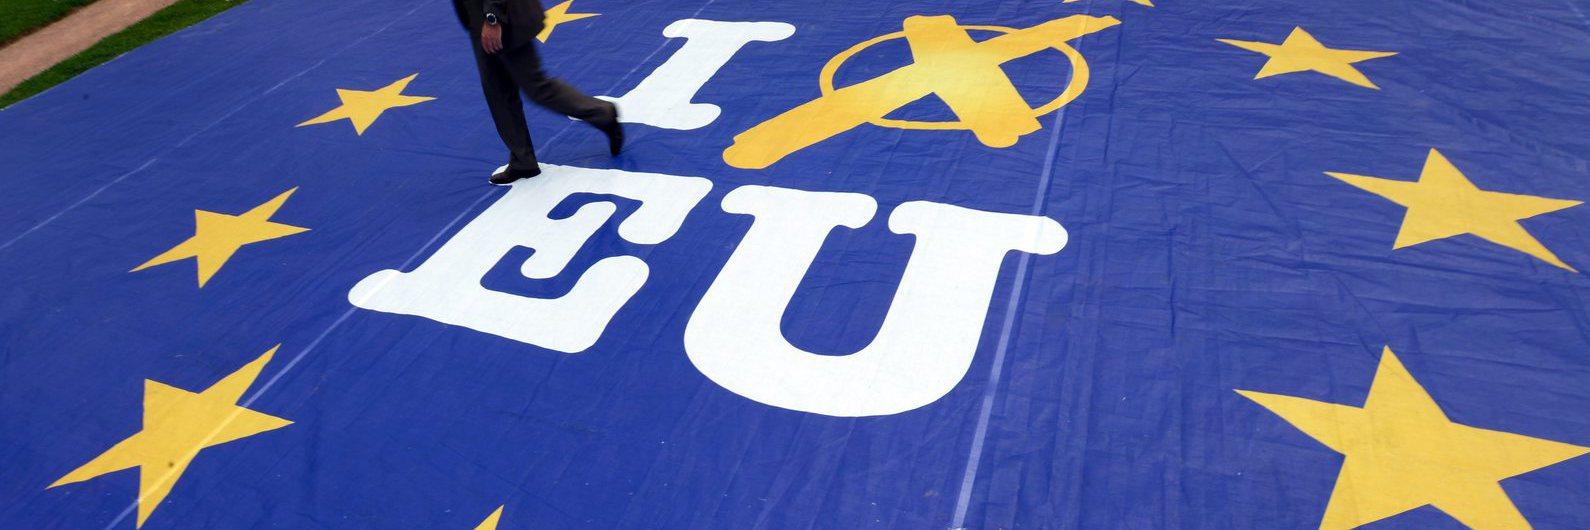 Bruxelas quer pagamentos transfronteiriços mais baratos